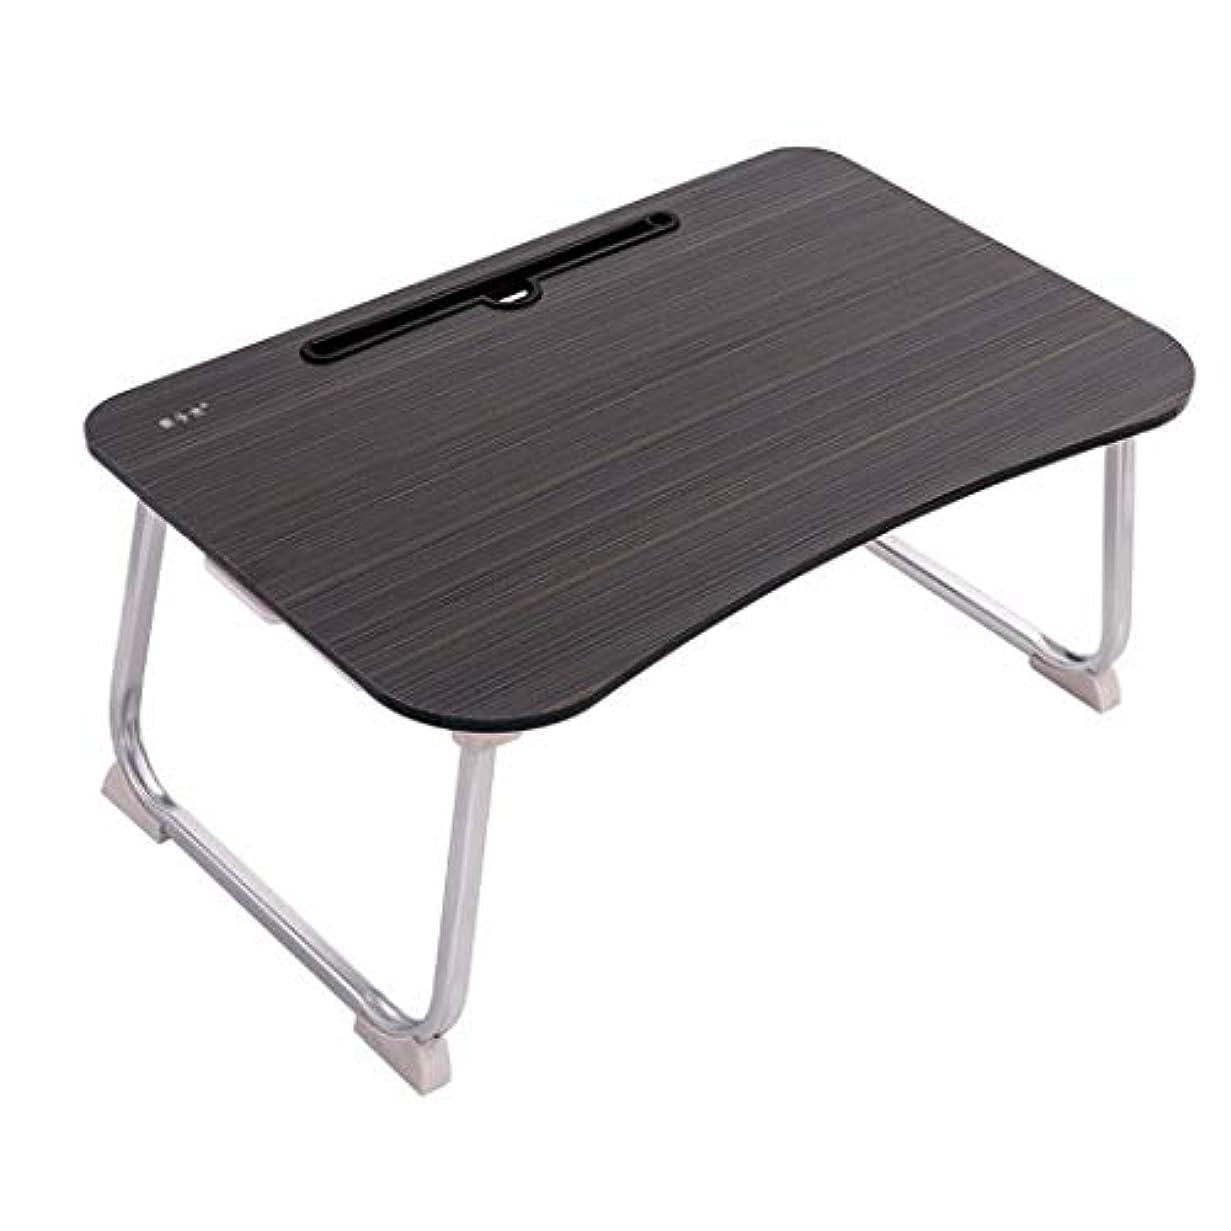 落花生バー類人猿折り畳み式コンピュータデスクアルミテーブル脚引き出し付き高級ベッド小さな机 (Color : Black, Size : 60*40*28cm)